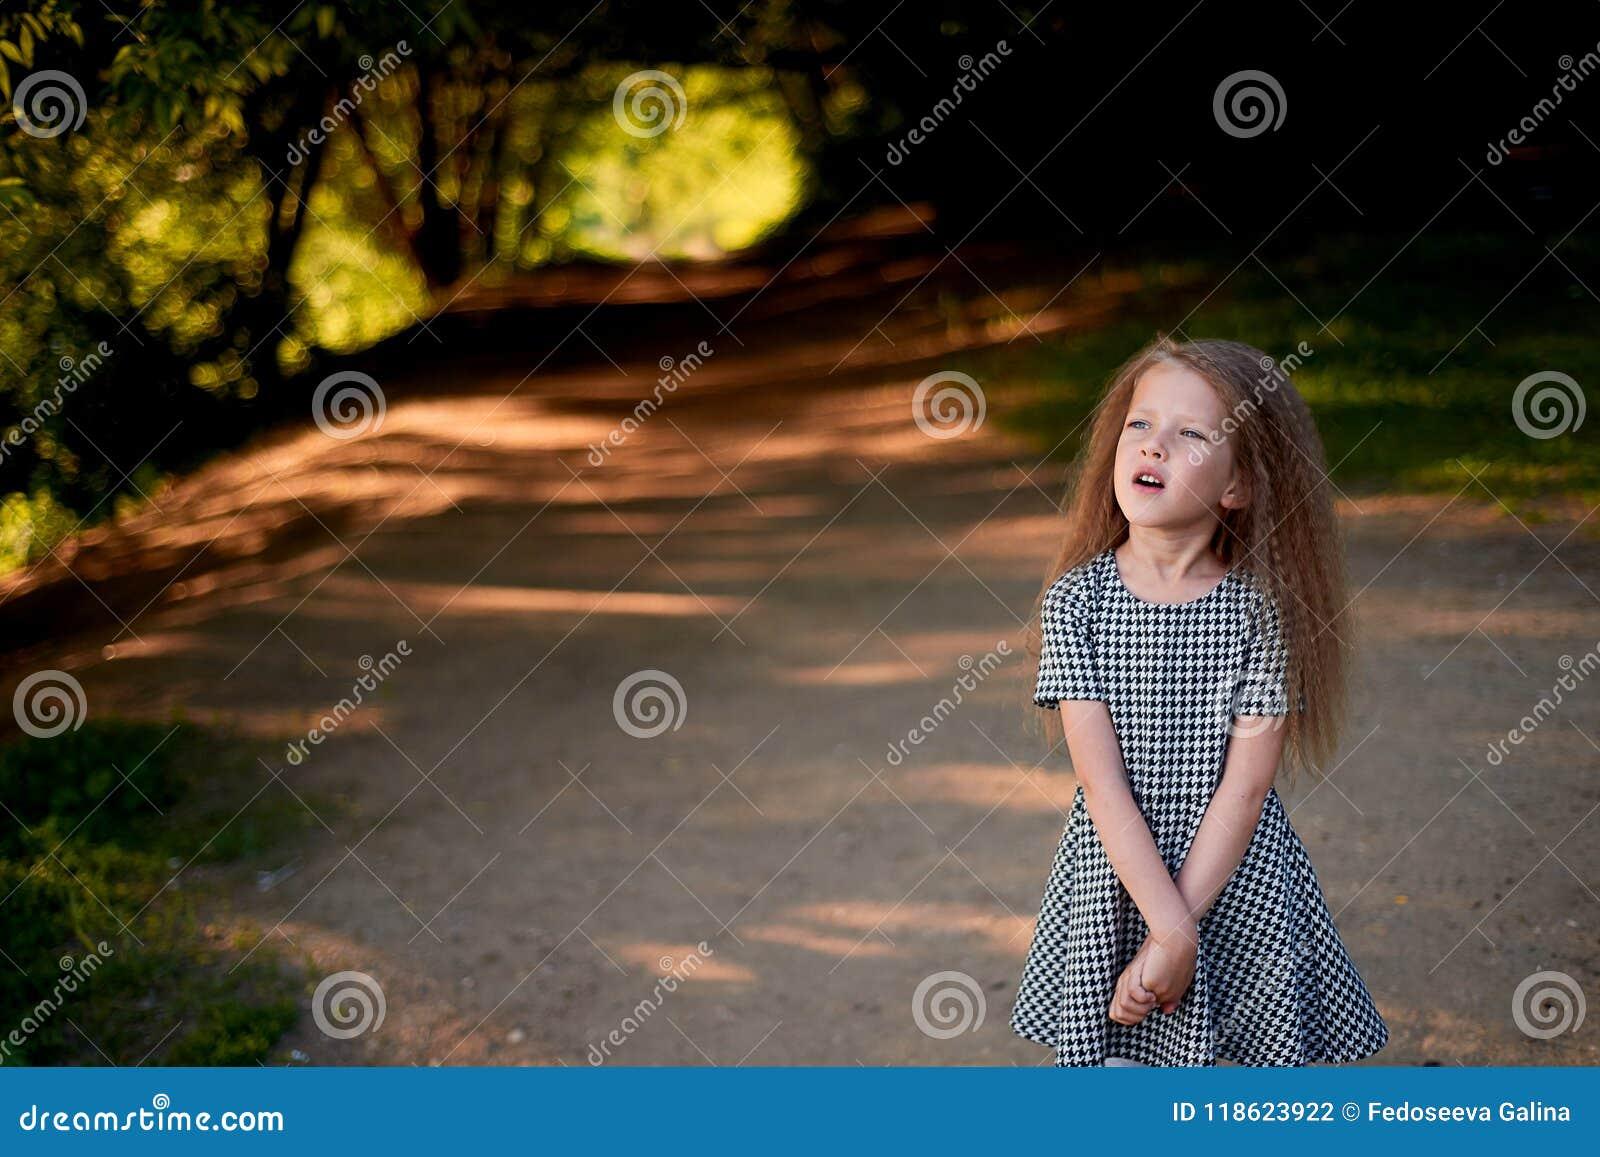 Μωρό 4 έτη, με τα μπλε μάτια, μικρές μπούκλες Ένας θαυμάσιος χρόνος της παιδικής ηλικίας και της περιπέτειας Θερμό φως του ήλιου